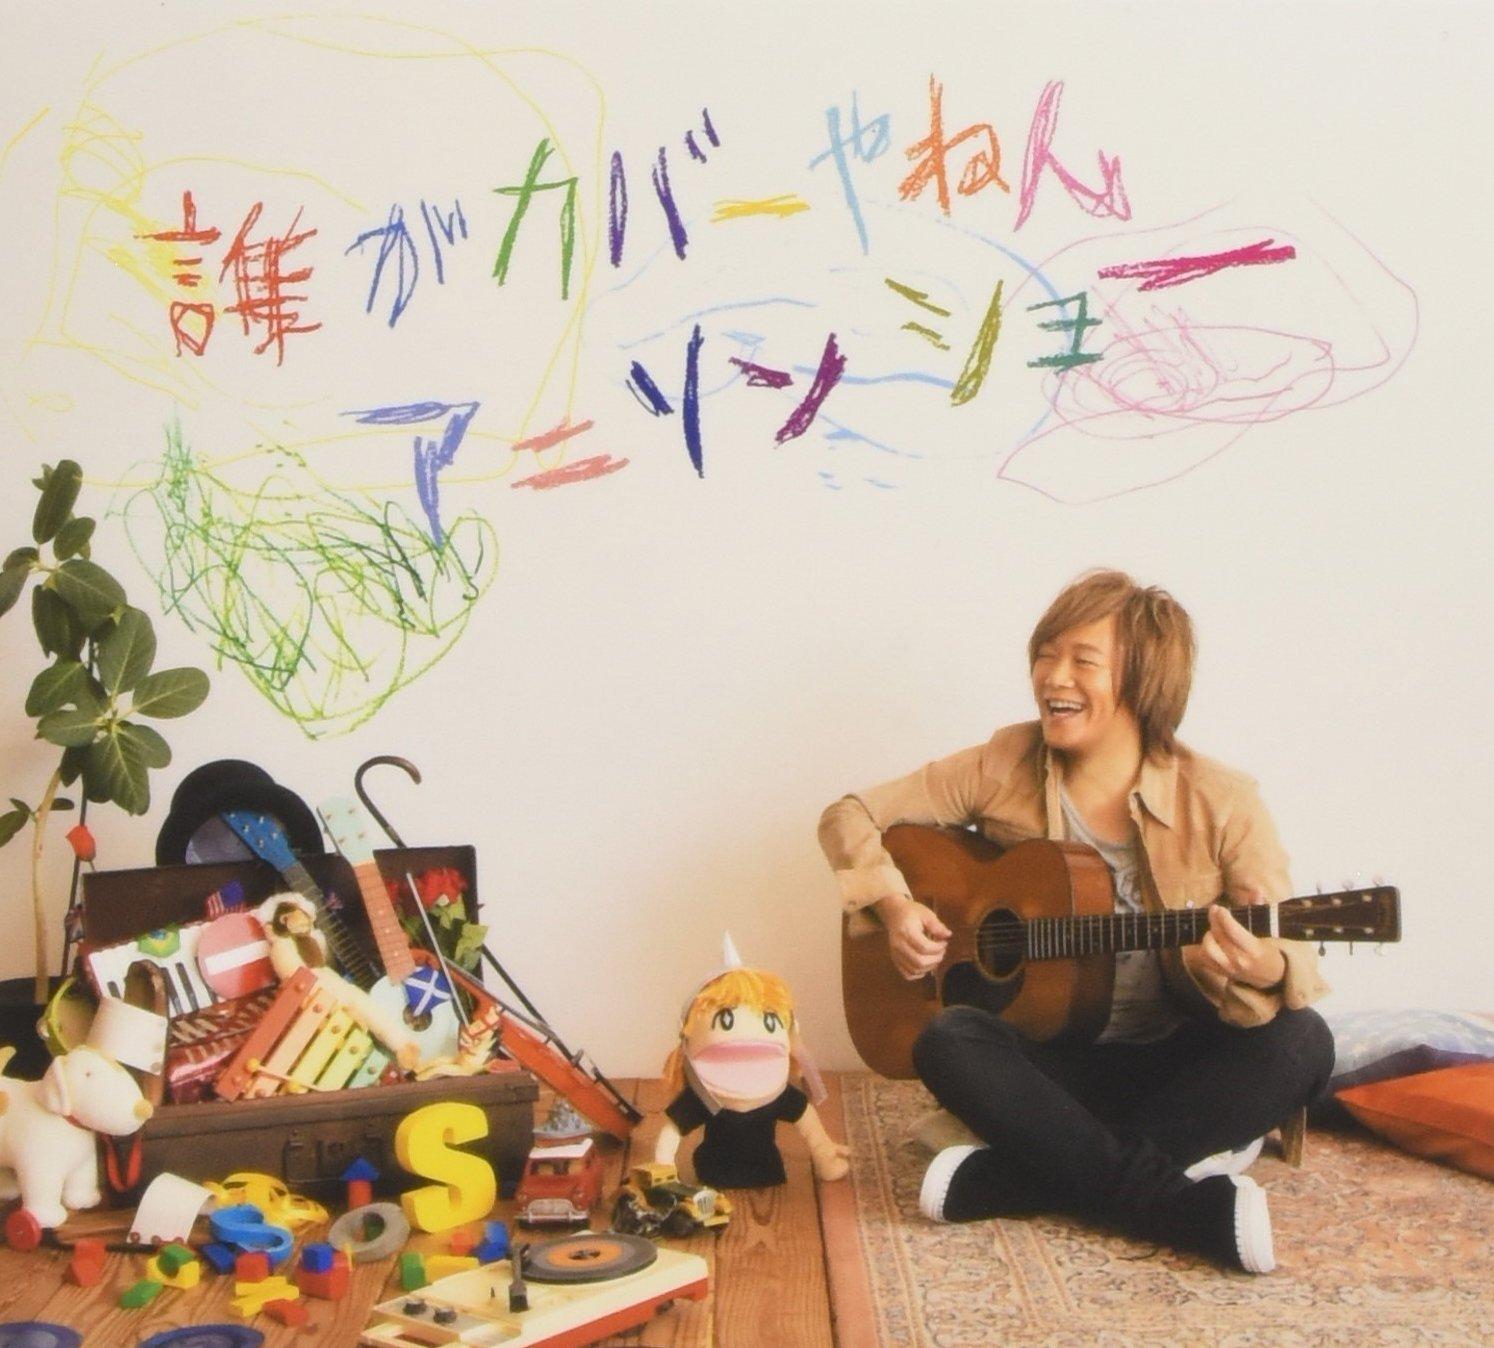 影山ヒロノブデビュー40周年記念アニソンカバーアルバム「誰がカバーやねんアニソンショー」(40th Anniversary Edition)